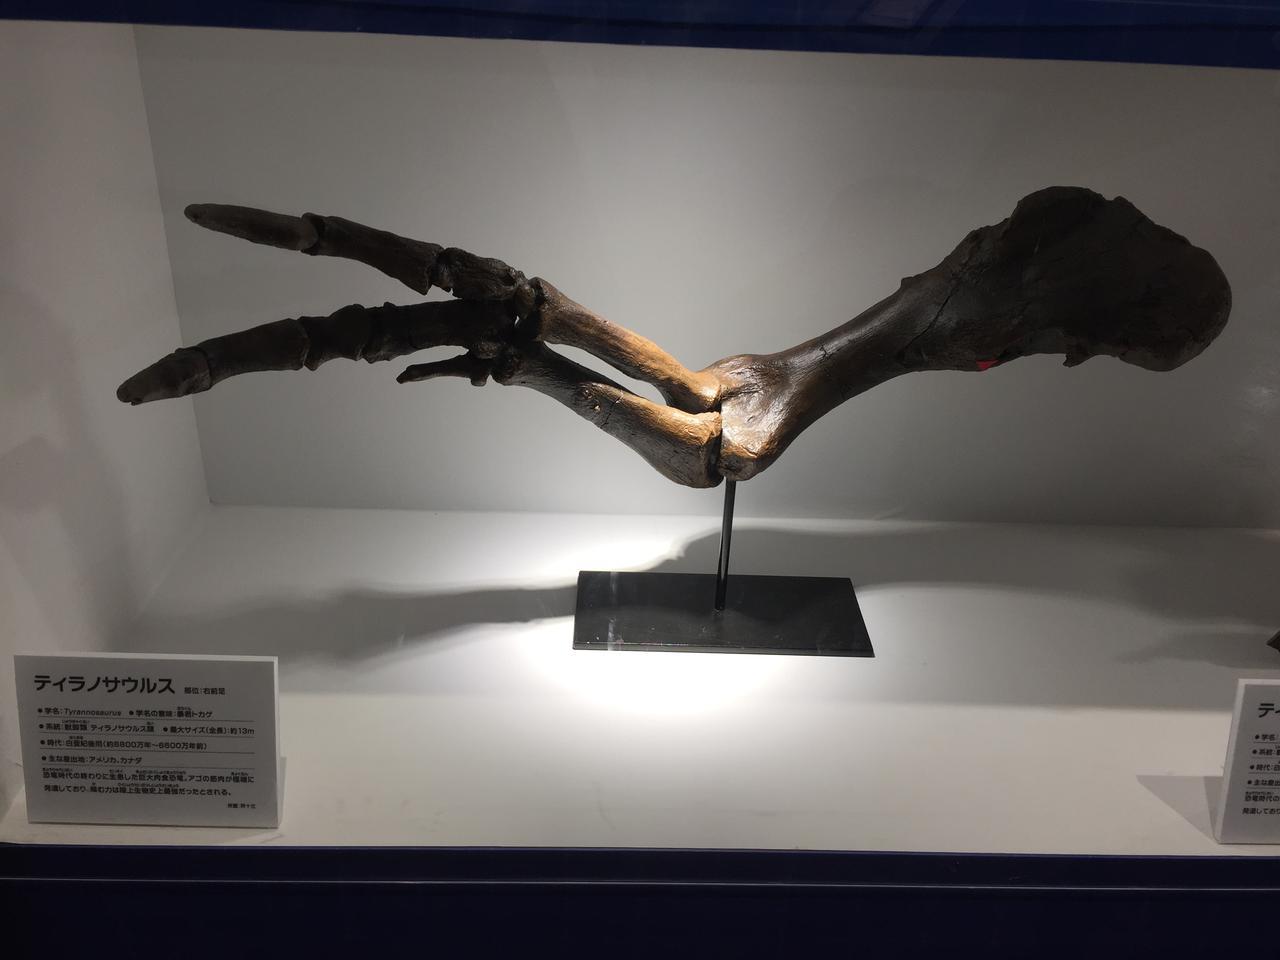 画像5: ティラノサウルスなど足の速い恐竜の中足骨に注目してみよう!アークトメタターサルネイル